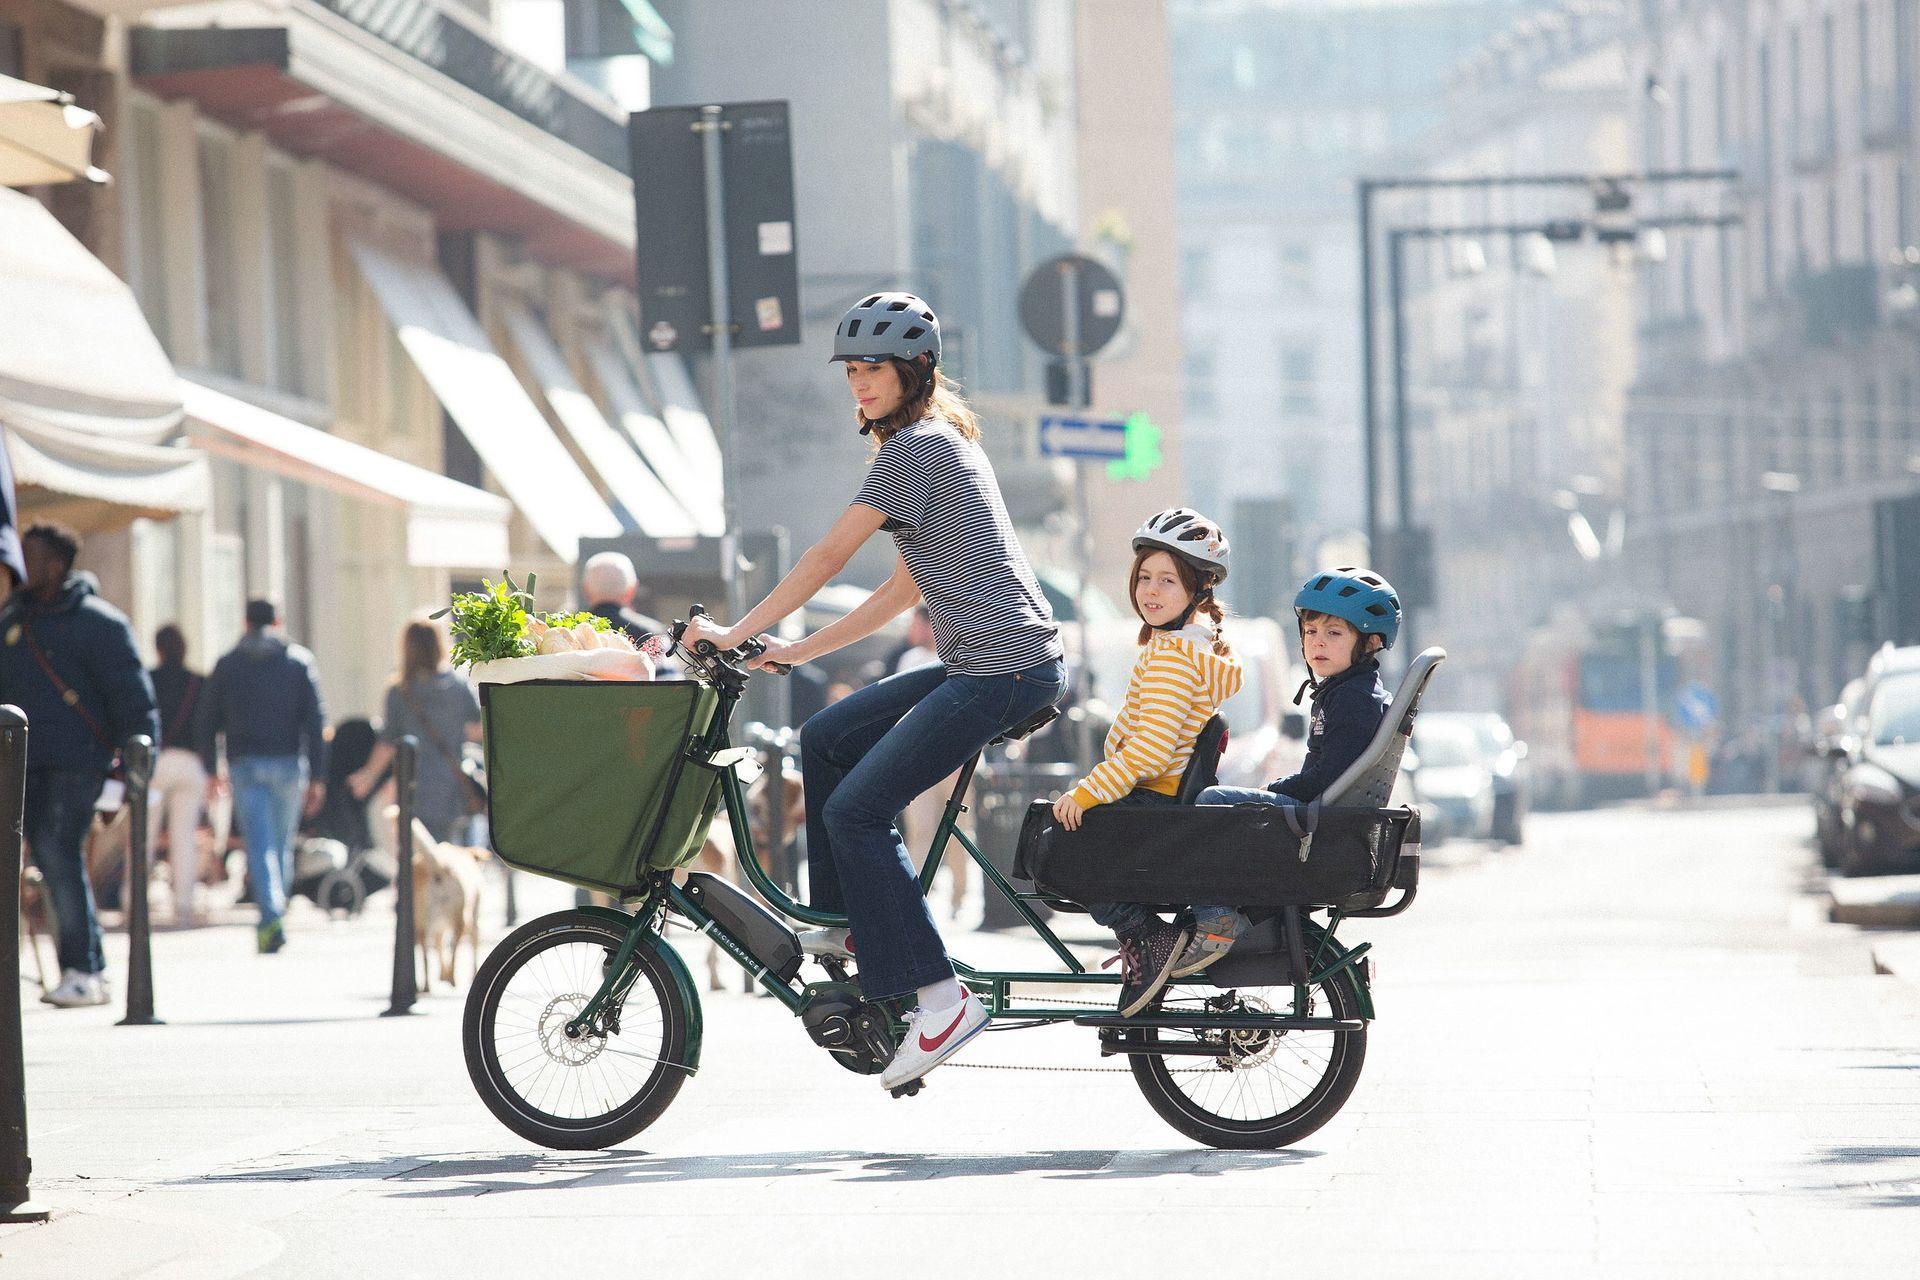 transport_bicicapace_justlongsteps2